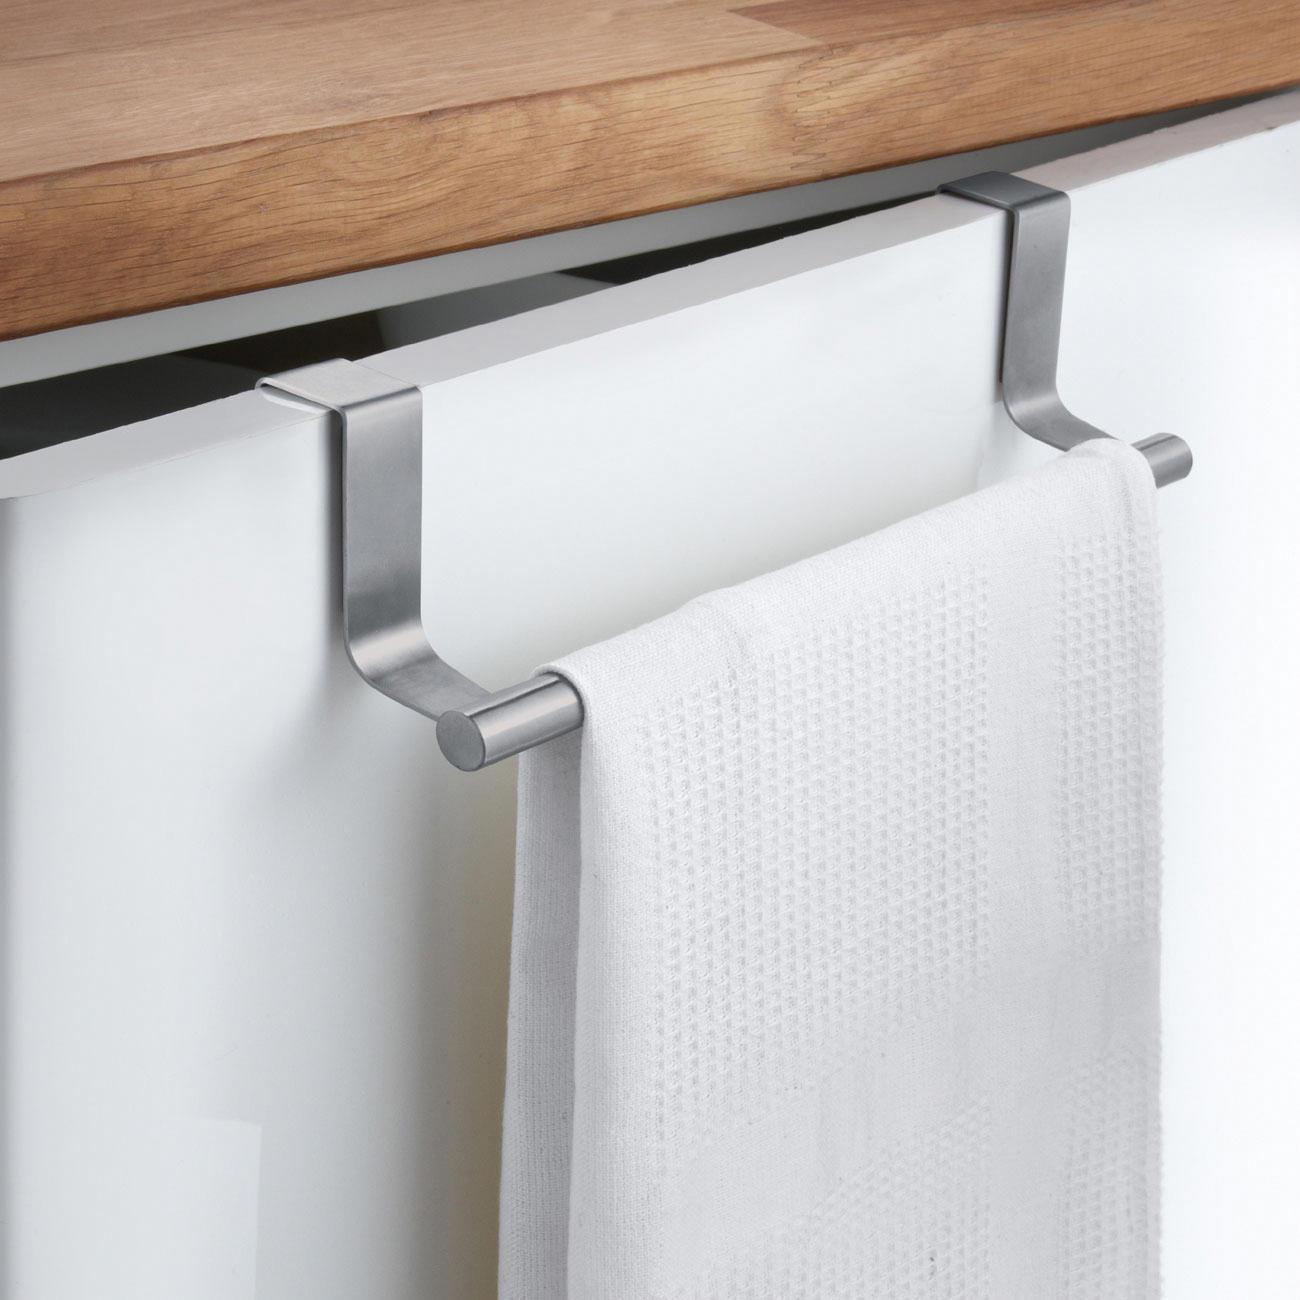 Hecht Handtuchhalter Easy zum Einhängen mattierter